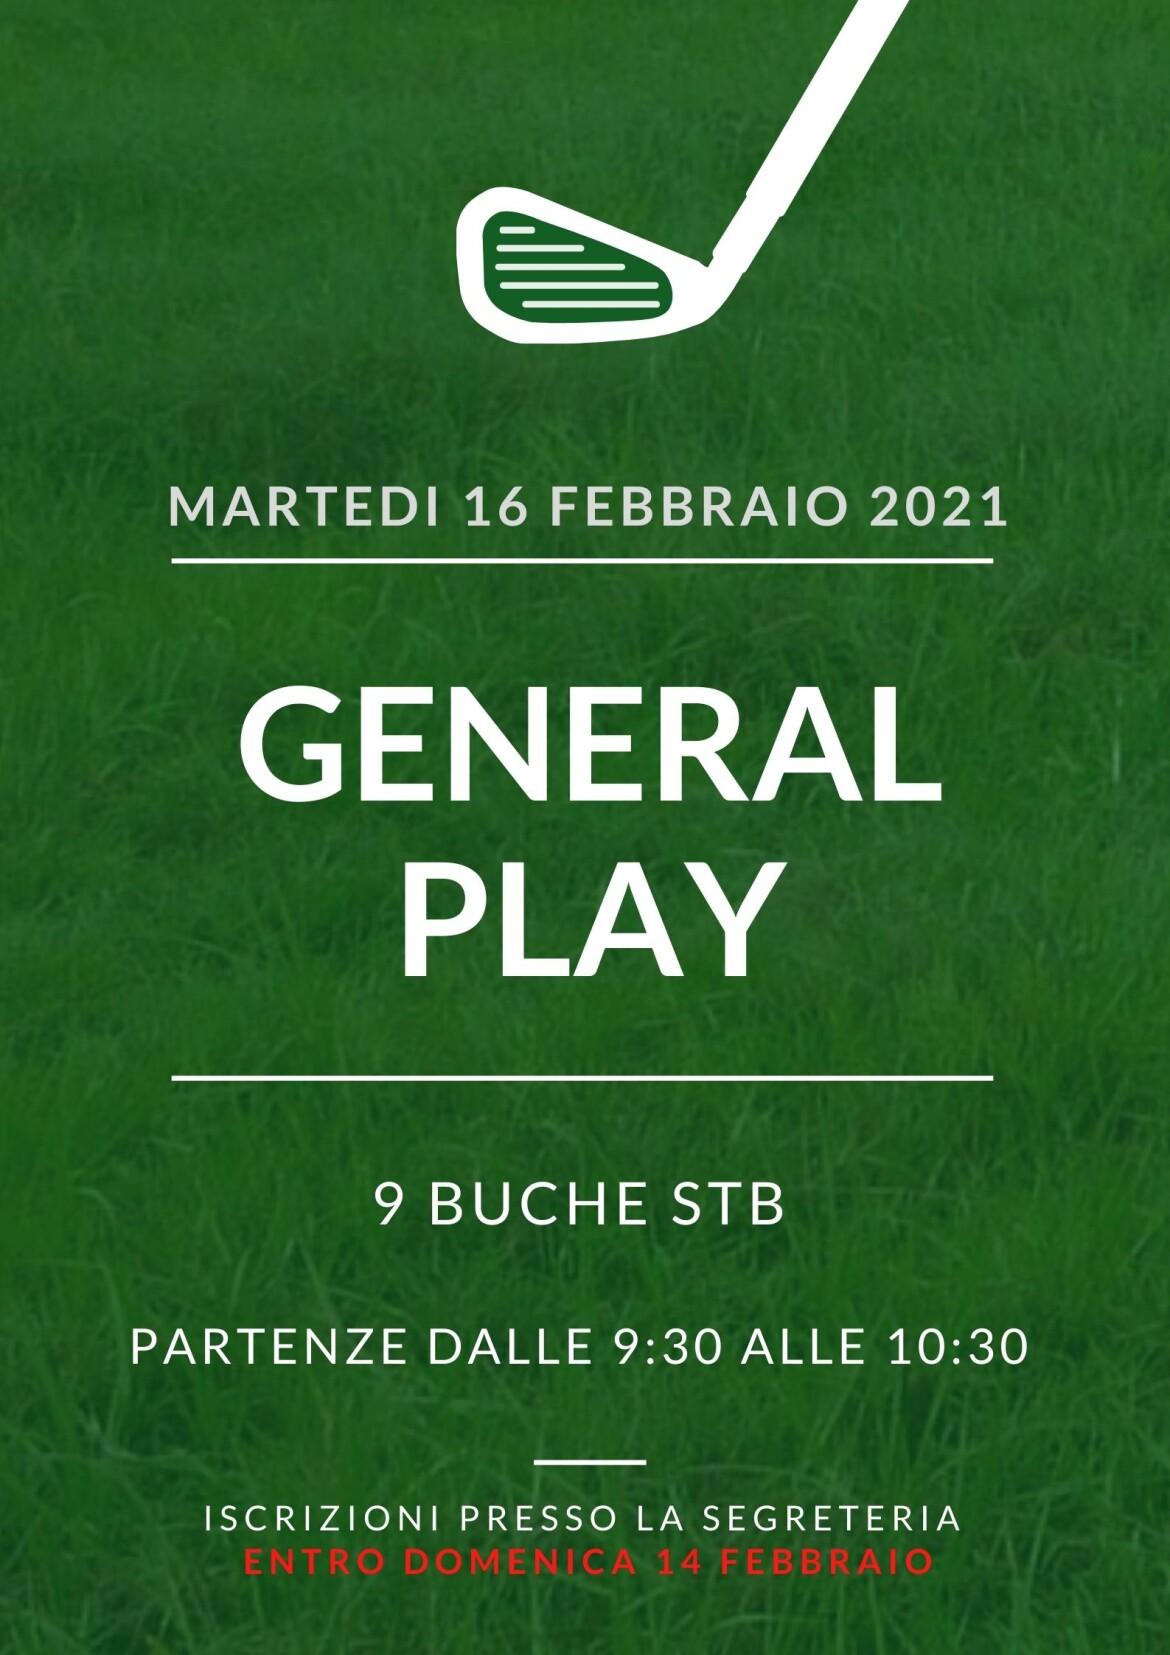 GENERAL PLAY del 16 febbraio 2021